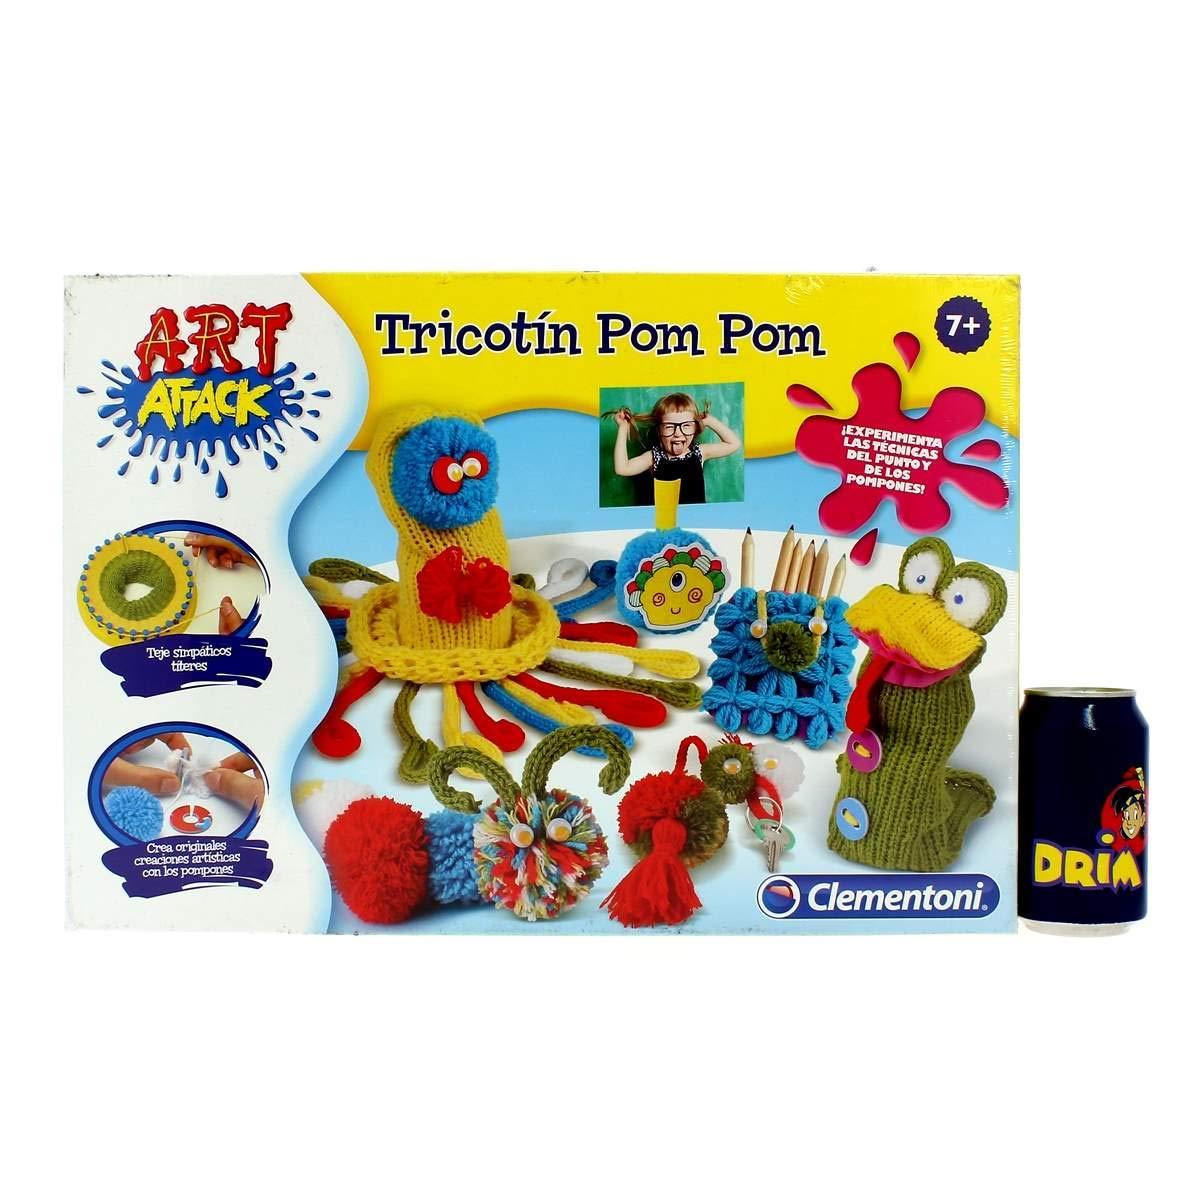 Clementoni Art Attack Attack Attack Tricotin Pon Pon (Spiel mit Wolle) Única B071Z6PQLM | Verkaufspreis  a5f398